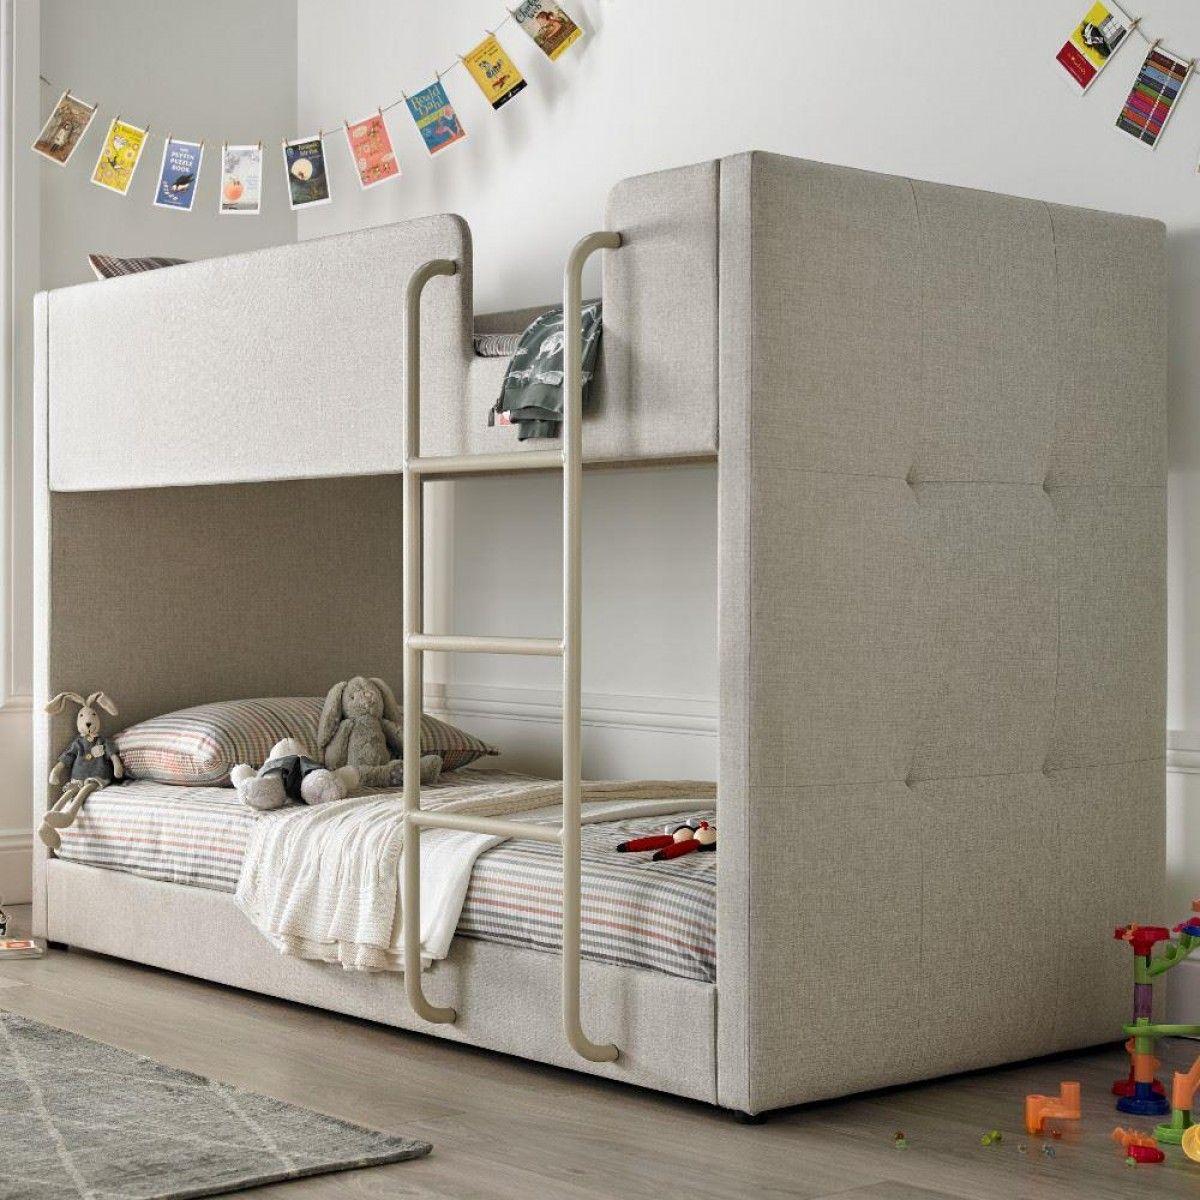 Saturn Oatmeal Fabric Bunk Bed Bunk Beds Kids Bunk Beds Bunk